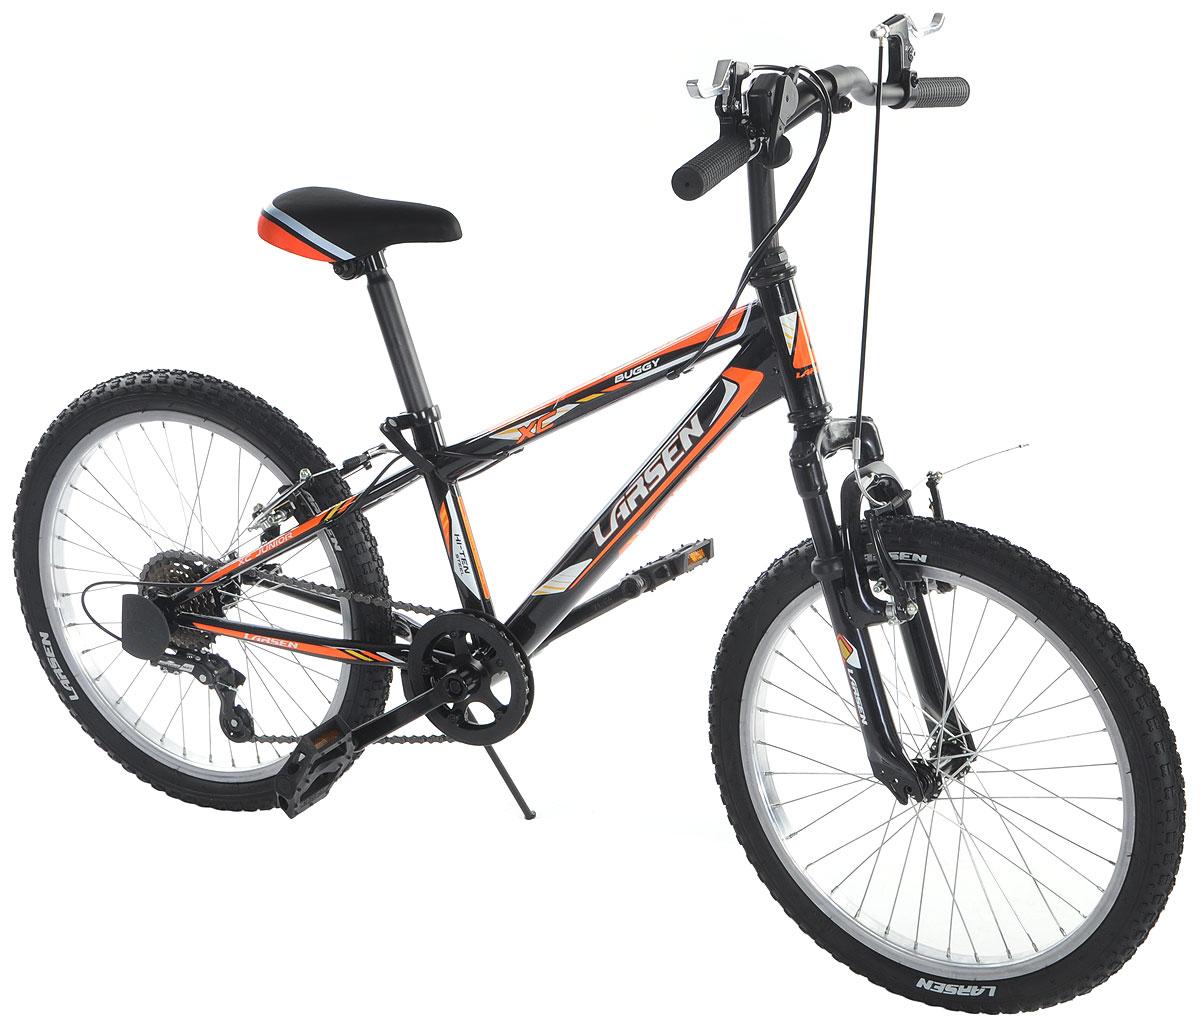 Велосипед Larsen Buggy 20, цвет: черный, оранжевый336229Горный велосипед Larsen Buggy 20 предназначен для юных спортсменов. Велосипед имеет прочную раму и универсальную трансмиссию.Larsen Buggy 20 оснащён передней амортизационной вилкой, которая смягчит неровности дороги.Простой и надежный переключатель Shimano базового уровня, на практике доказавший свою надежность, не подведет в сложной дорожной ситуации. Велосипед имеет 6 скоростей, это оптимальное количество, с которым можно заехать в горку и поддерживать хорошую скорость на ровной дороге.V – образные тормоза простые и эффективные. Они остановят велосипед именно там, где нужно. Регулируемое по высоте и наклону седло и регулируемый по высоте руль позволят подобрать индивидуальную посадку. Велосипед оснащён подножкой для удобной парковки, светоотражателями и крыльями. Вилка: ZOOM BRAVO-327E.Количество скоростей: 6 шт.Размер колес: 20 дюймов. Резина: Wanda P104, 20х2.125.Задний переключатель: Shimano Tourney (RD-TY21).Шифтеры: Shimano SL-RS35. Втулка передняя: Anteng fh206qr.Втулка задняя: Anteng kt-122rqr.Тормоза: V - образные.